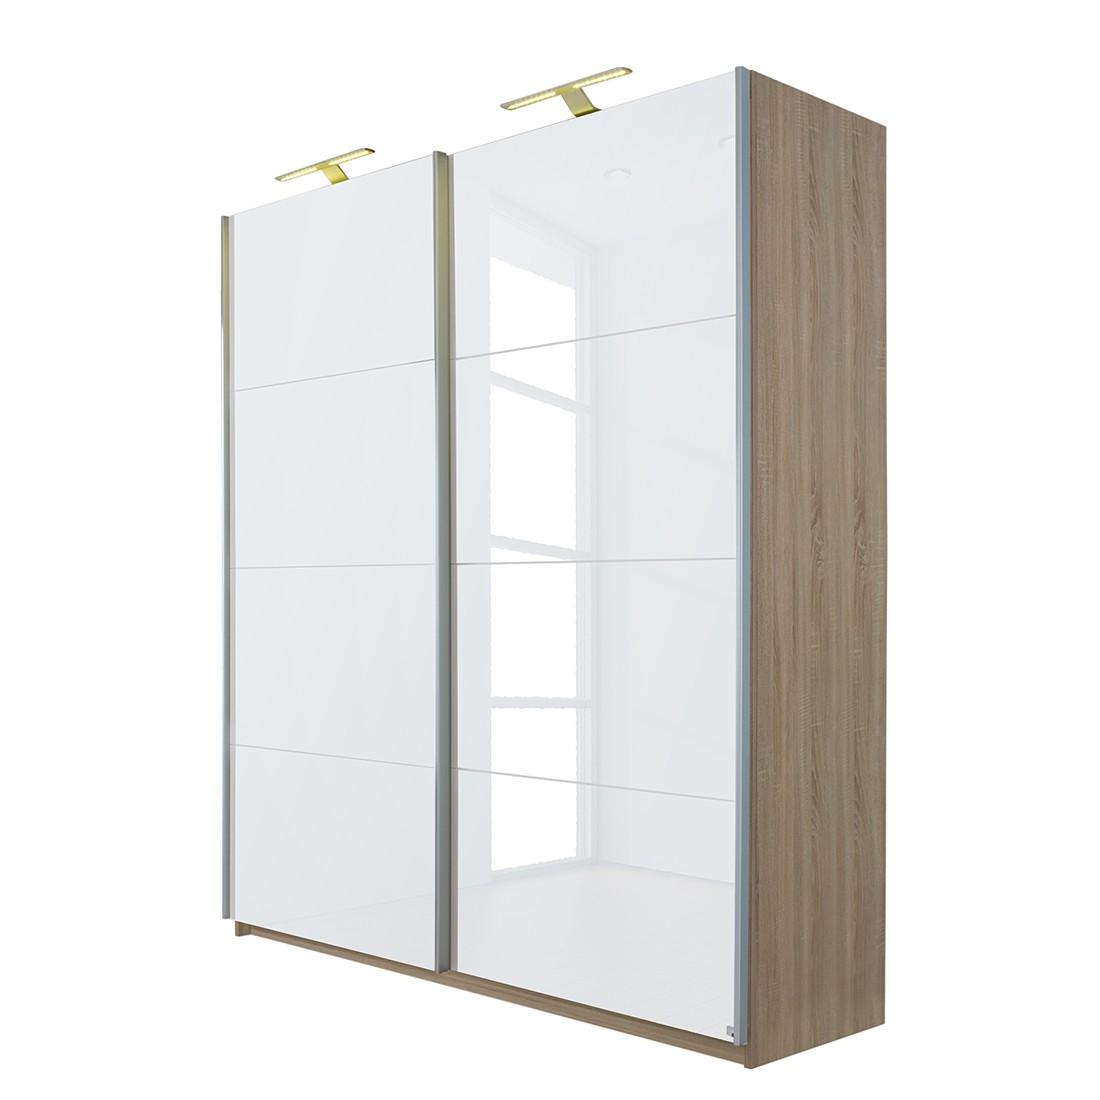 goedkoop Schuifdeurkast Beluga hoogglans wit Sonoma eikenhouten look 181cm 2 deurs 236cm Rauch Select